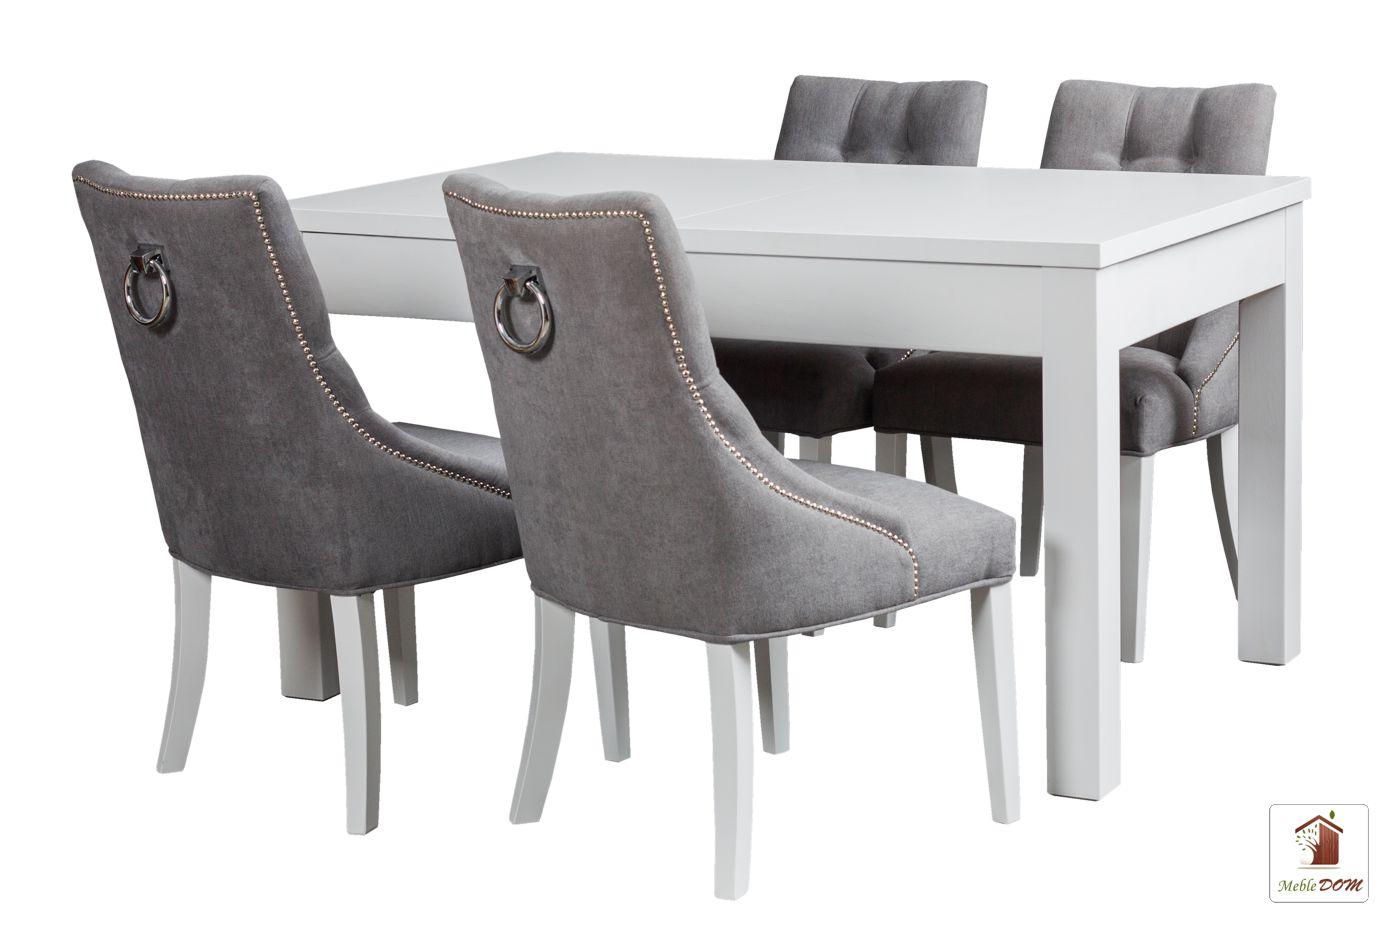 Prostokątny stół rozkładany Strong z krzesłami Diana